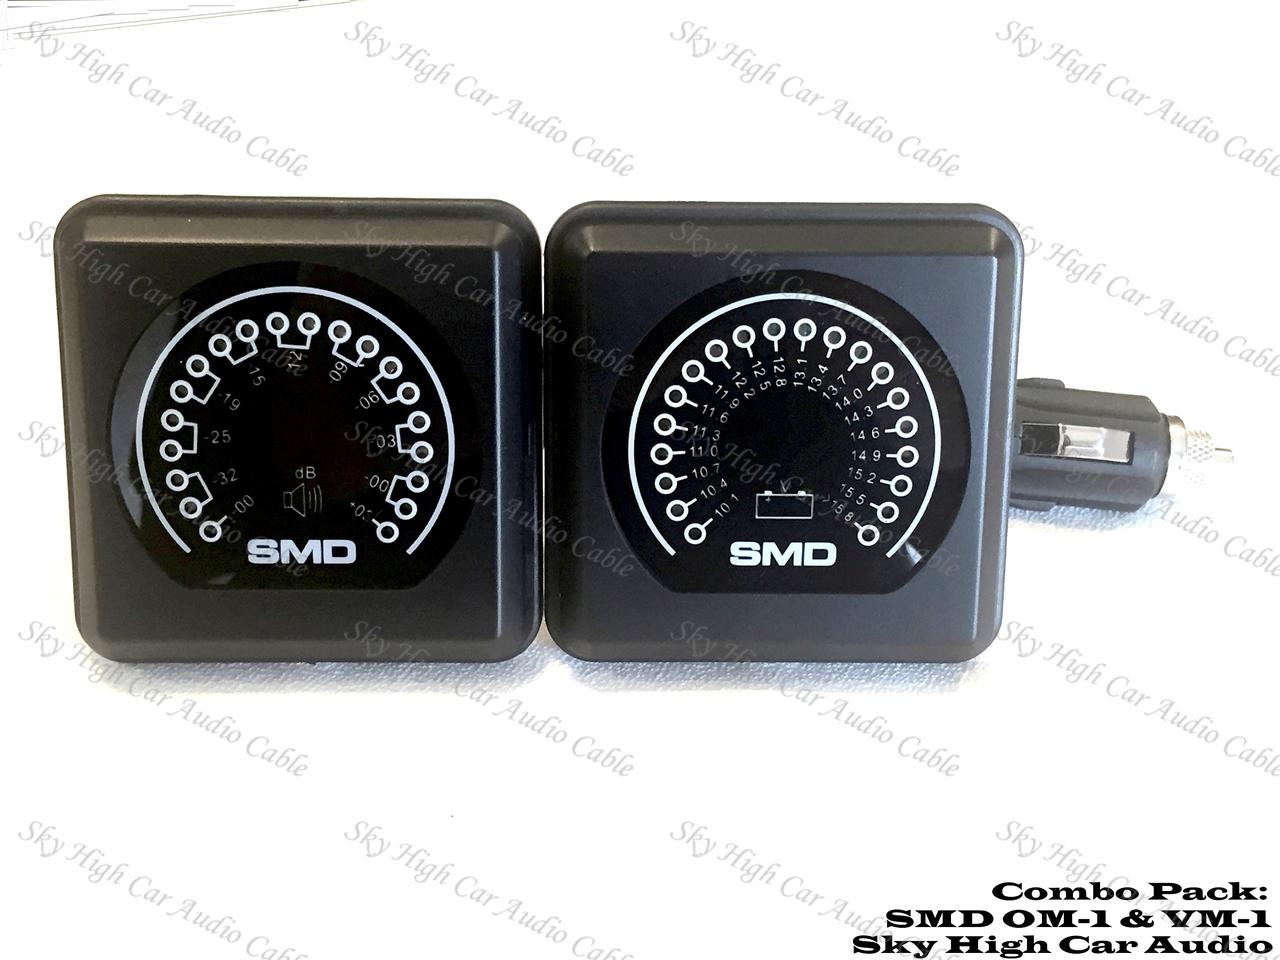 SMD Combo Pack VM-1 Volt Meter and OM-1 Output Meter